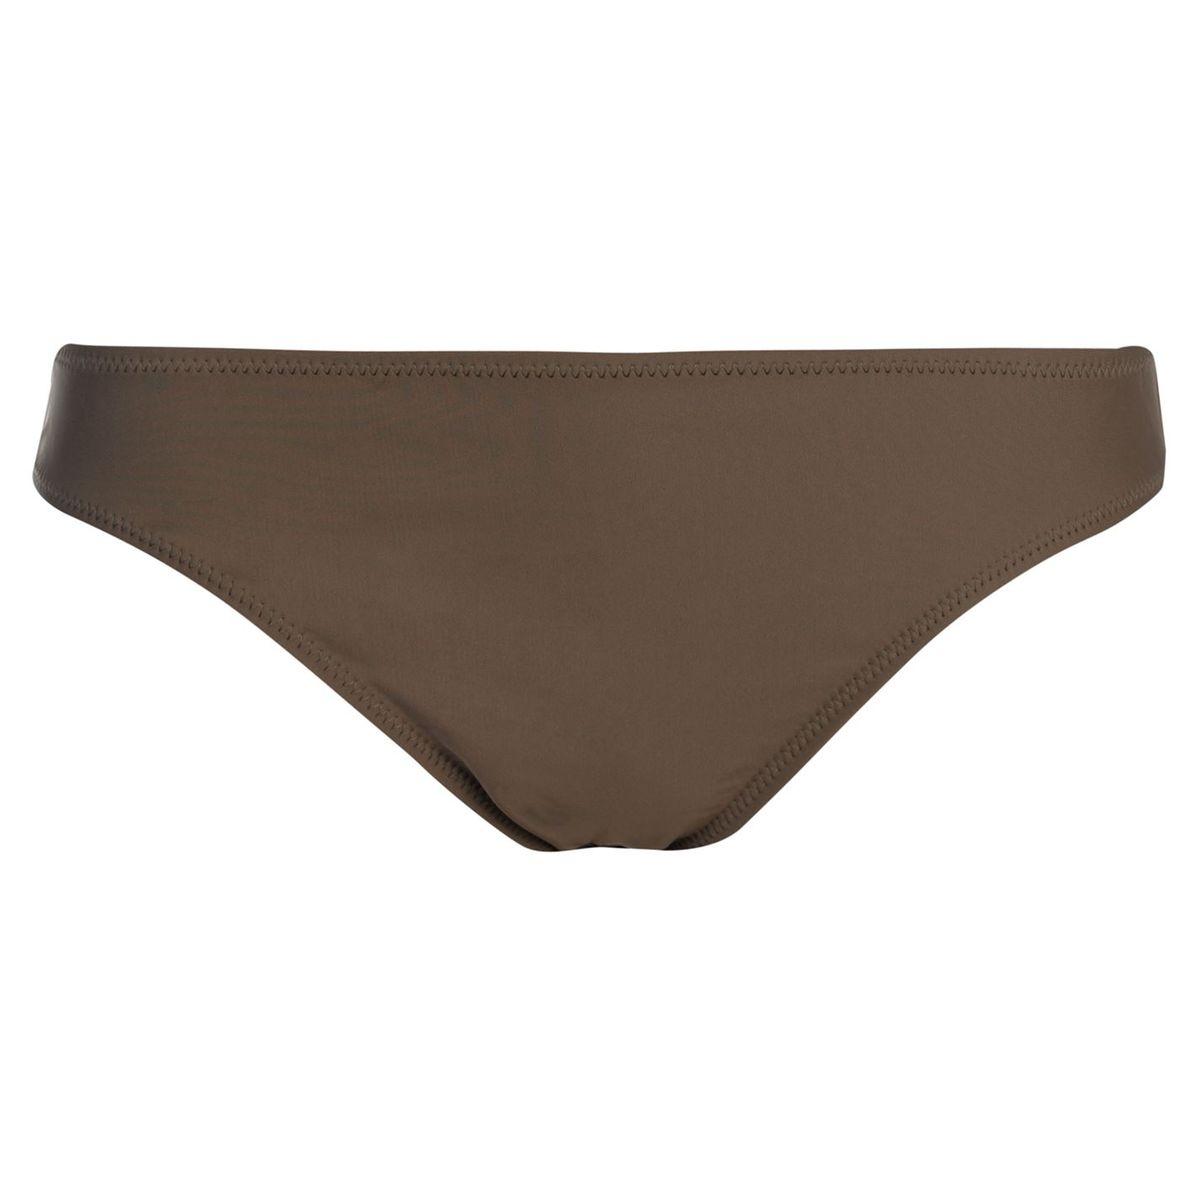 Bas de bikini taille élasique